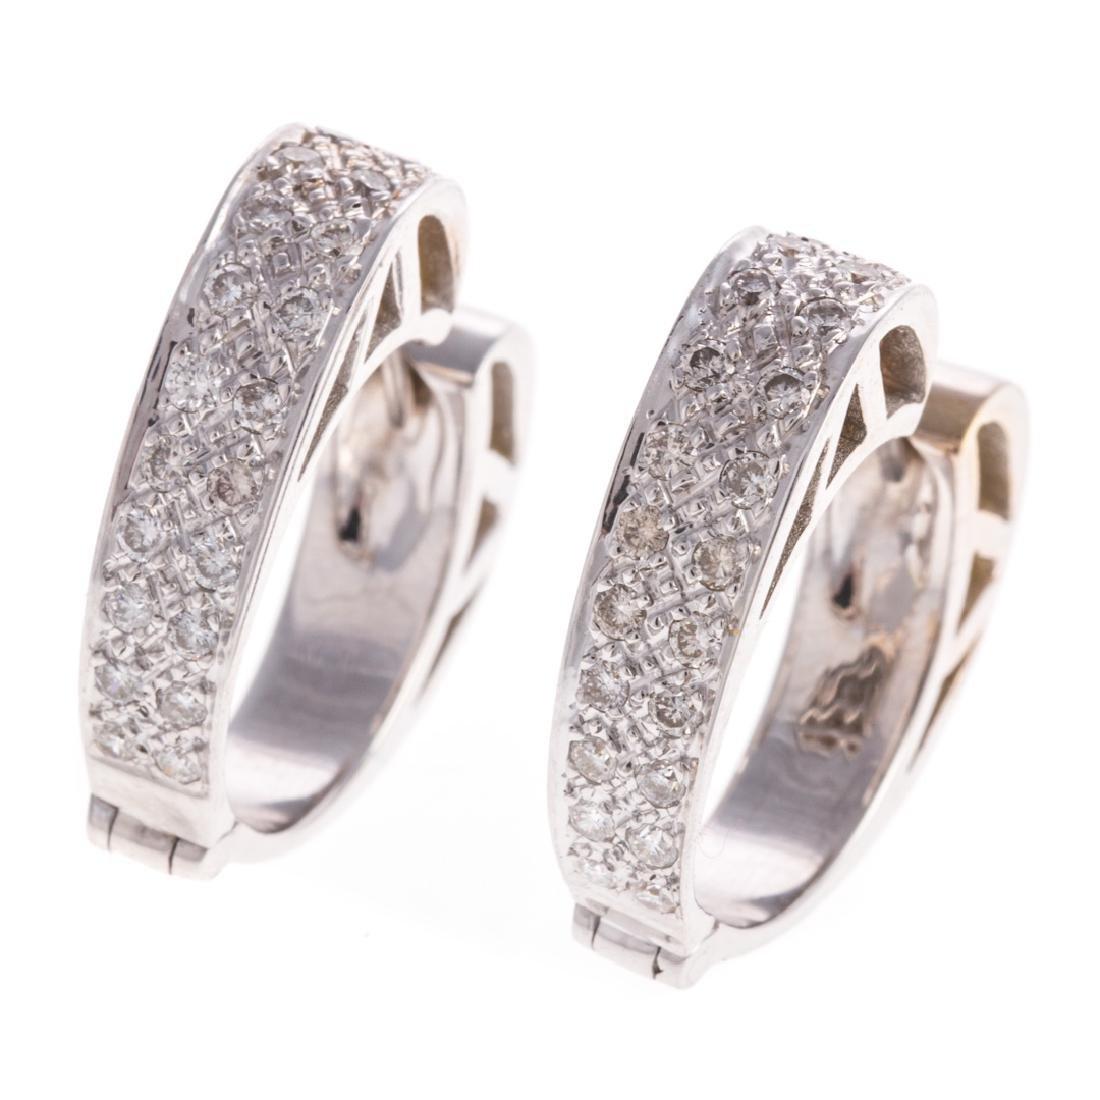 A Pair of Pave Diamond Hoop Earrings in 14K